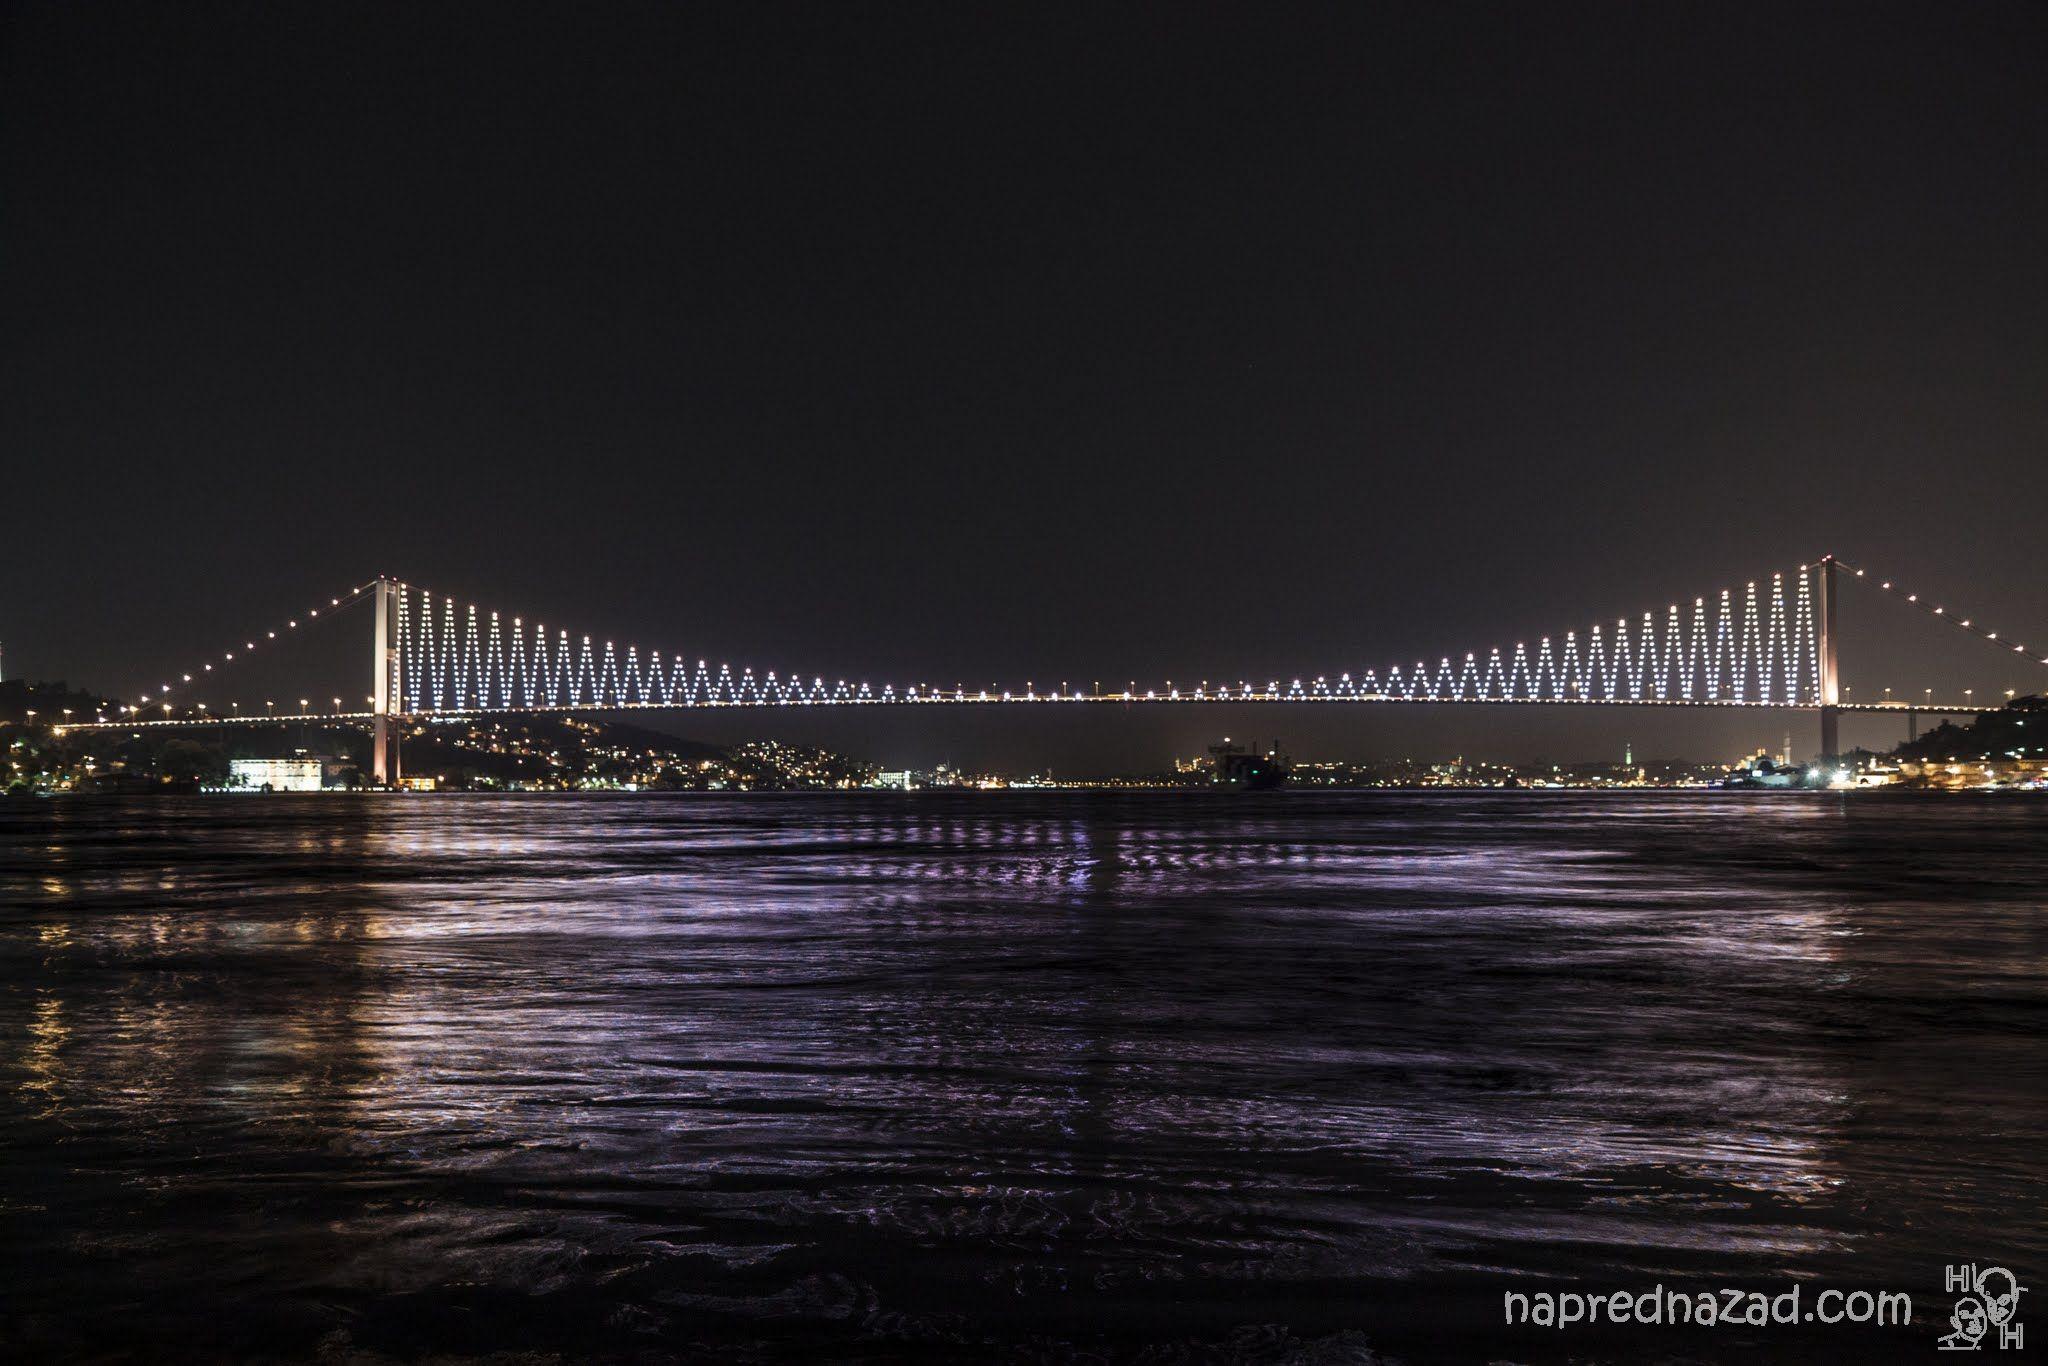 Първият мост над Босфора е красиво осветен през нощта